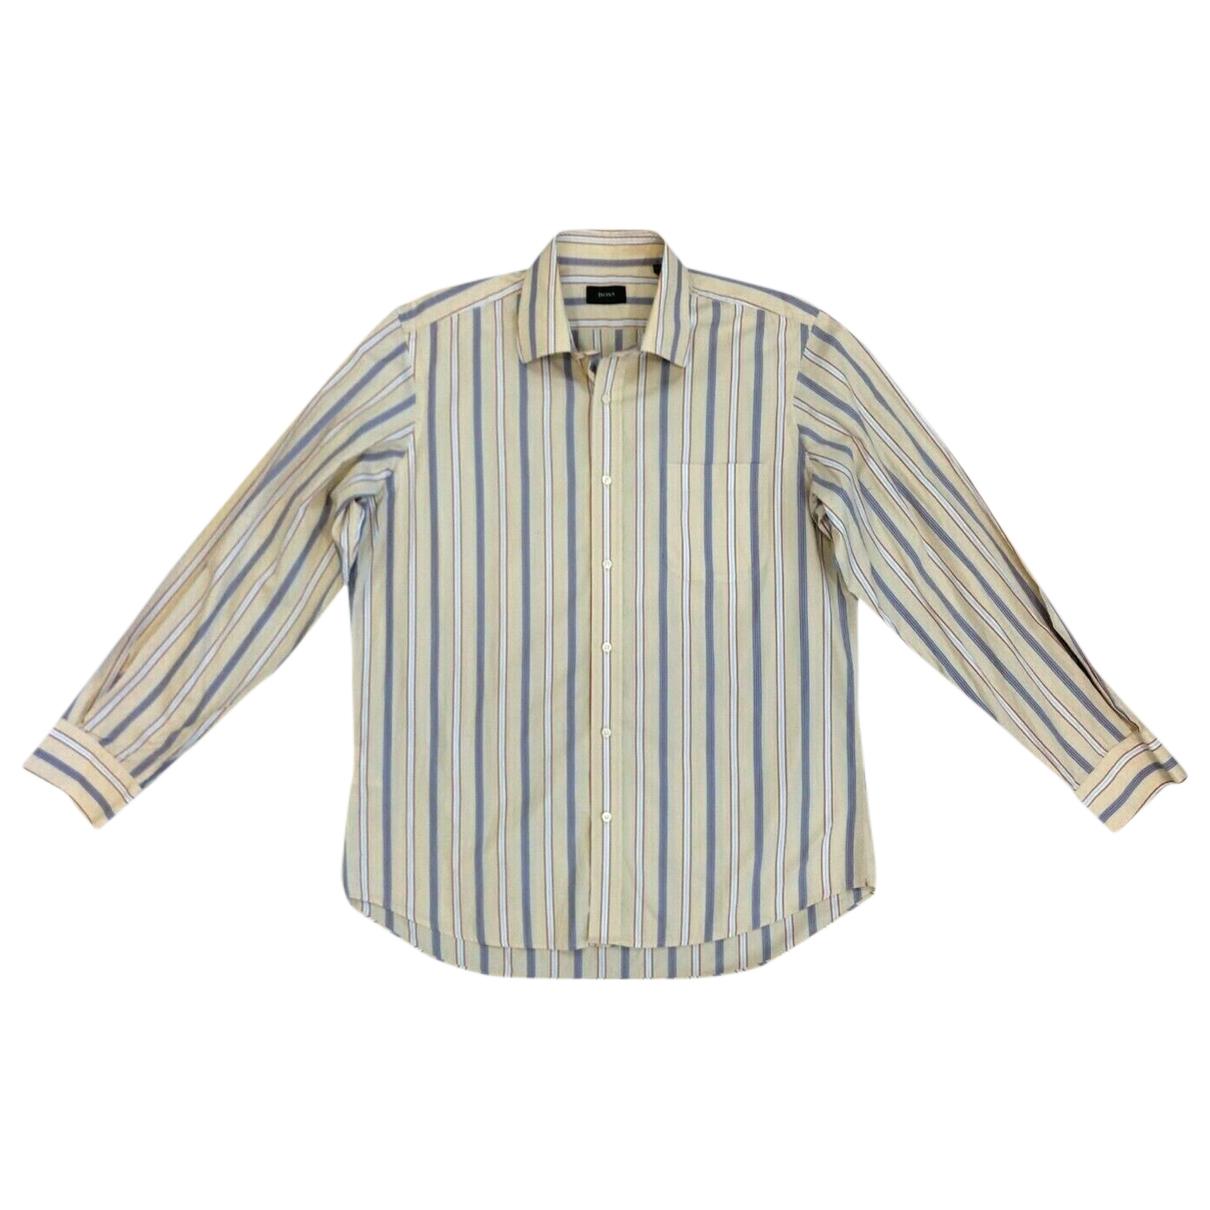 Boss \N Beige Cotton Shirts for Men 16.5 UK - US (tour de cou / collar)